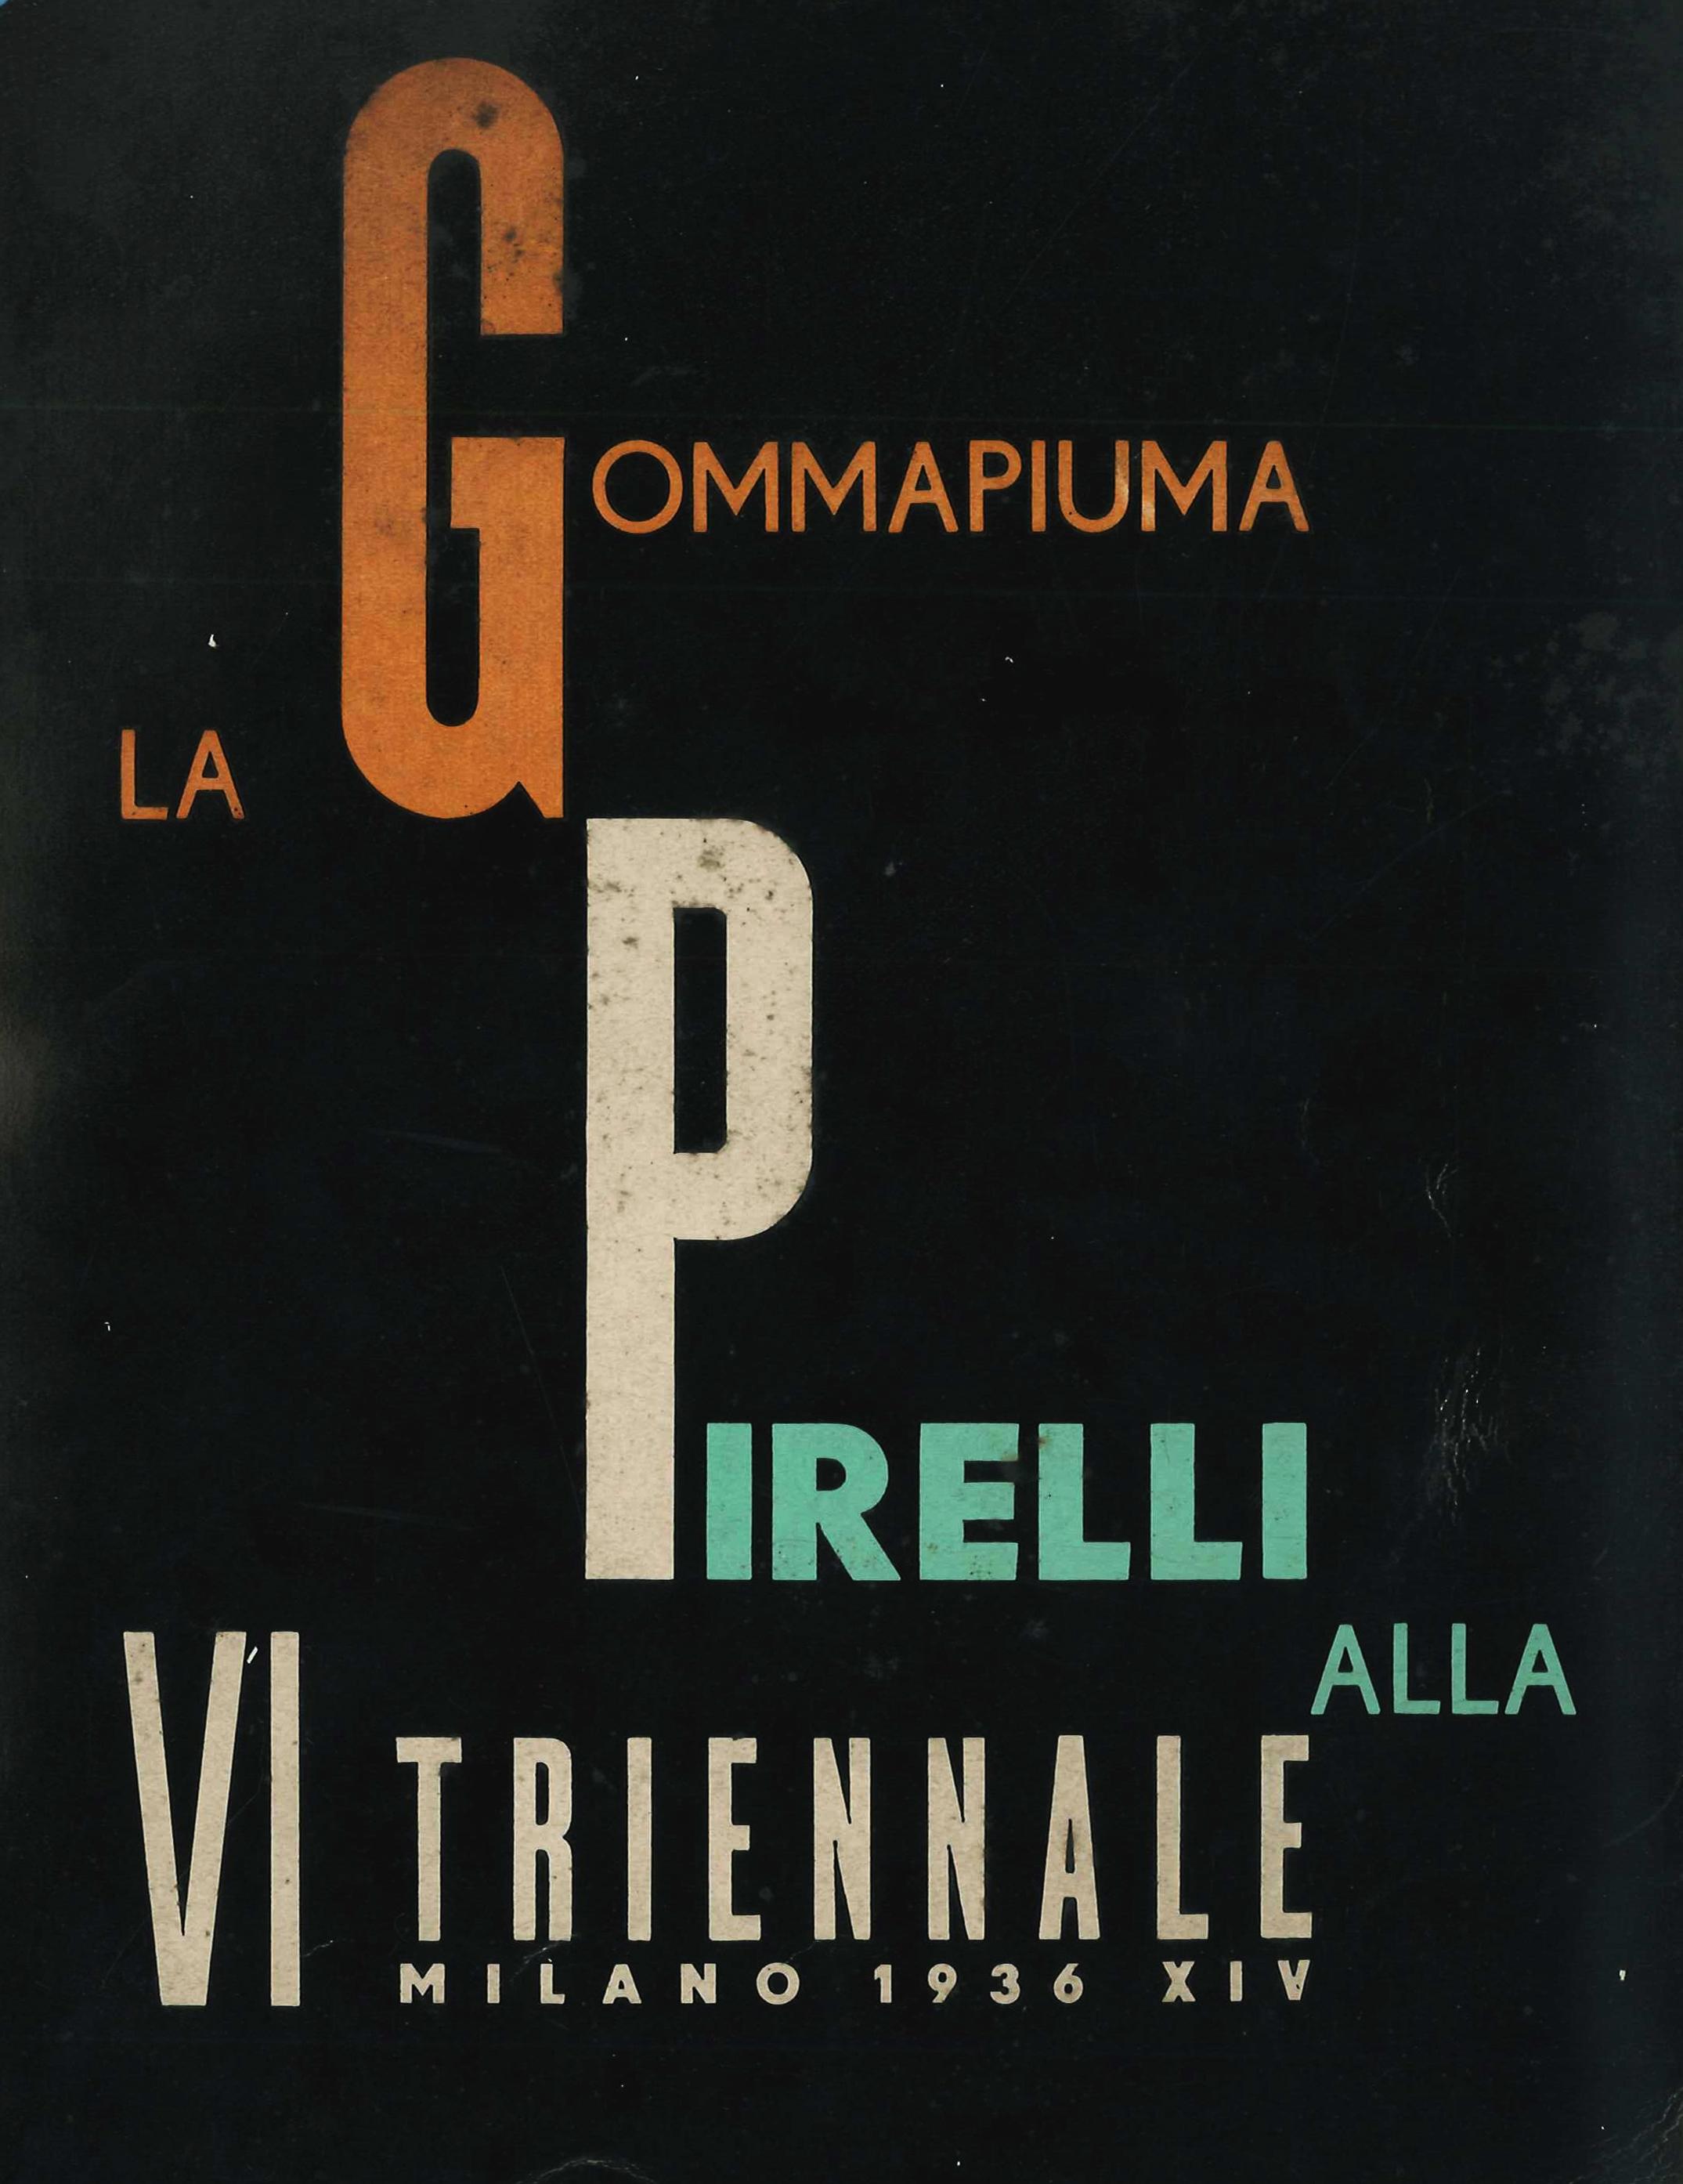 Materasso Di Crine Significato pirelli archives - ais/design